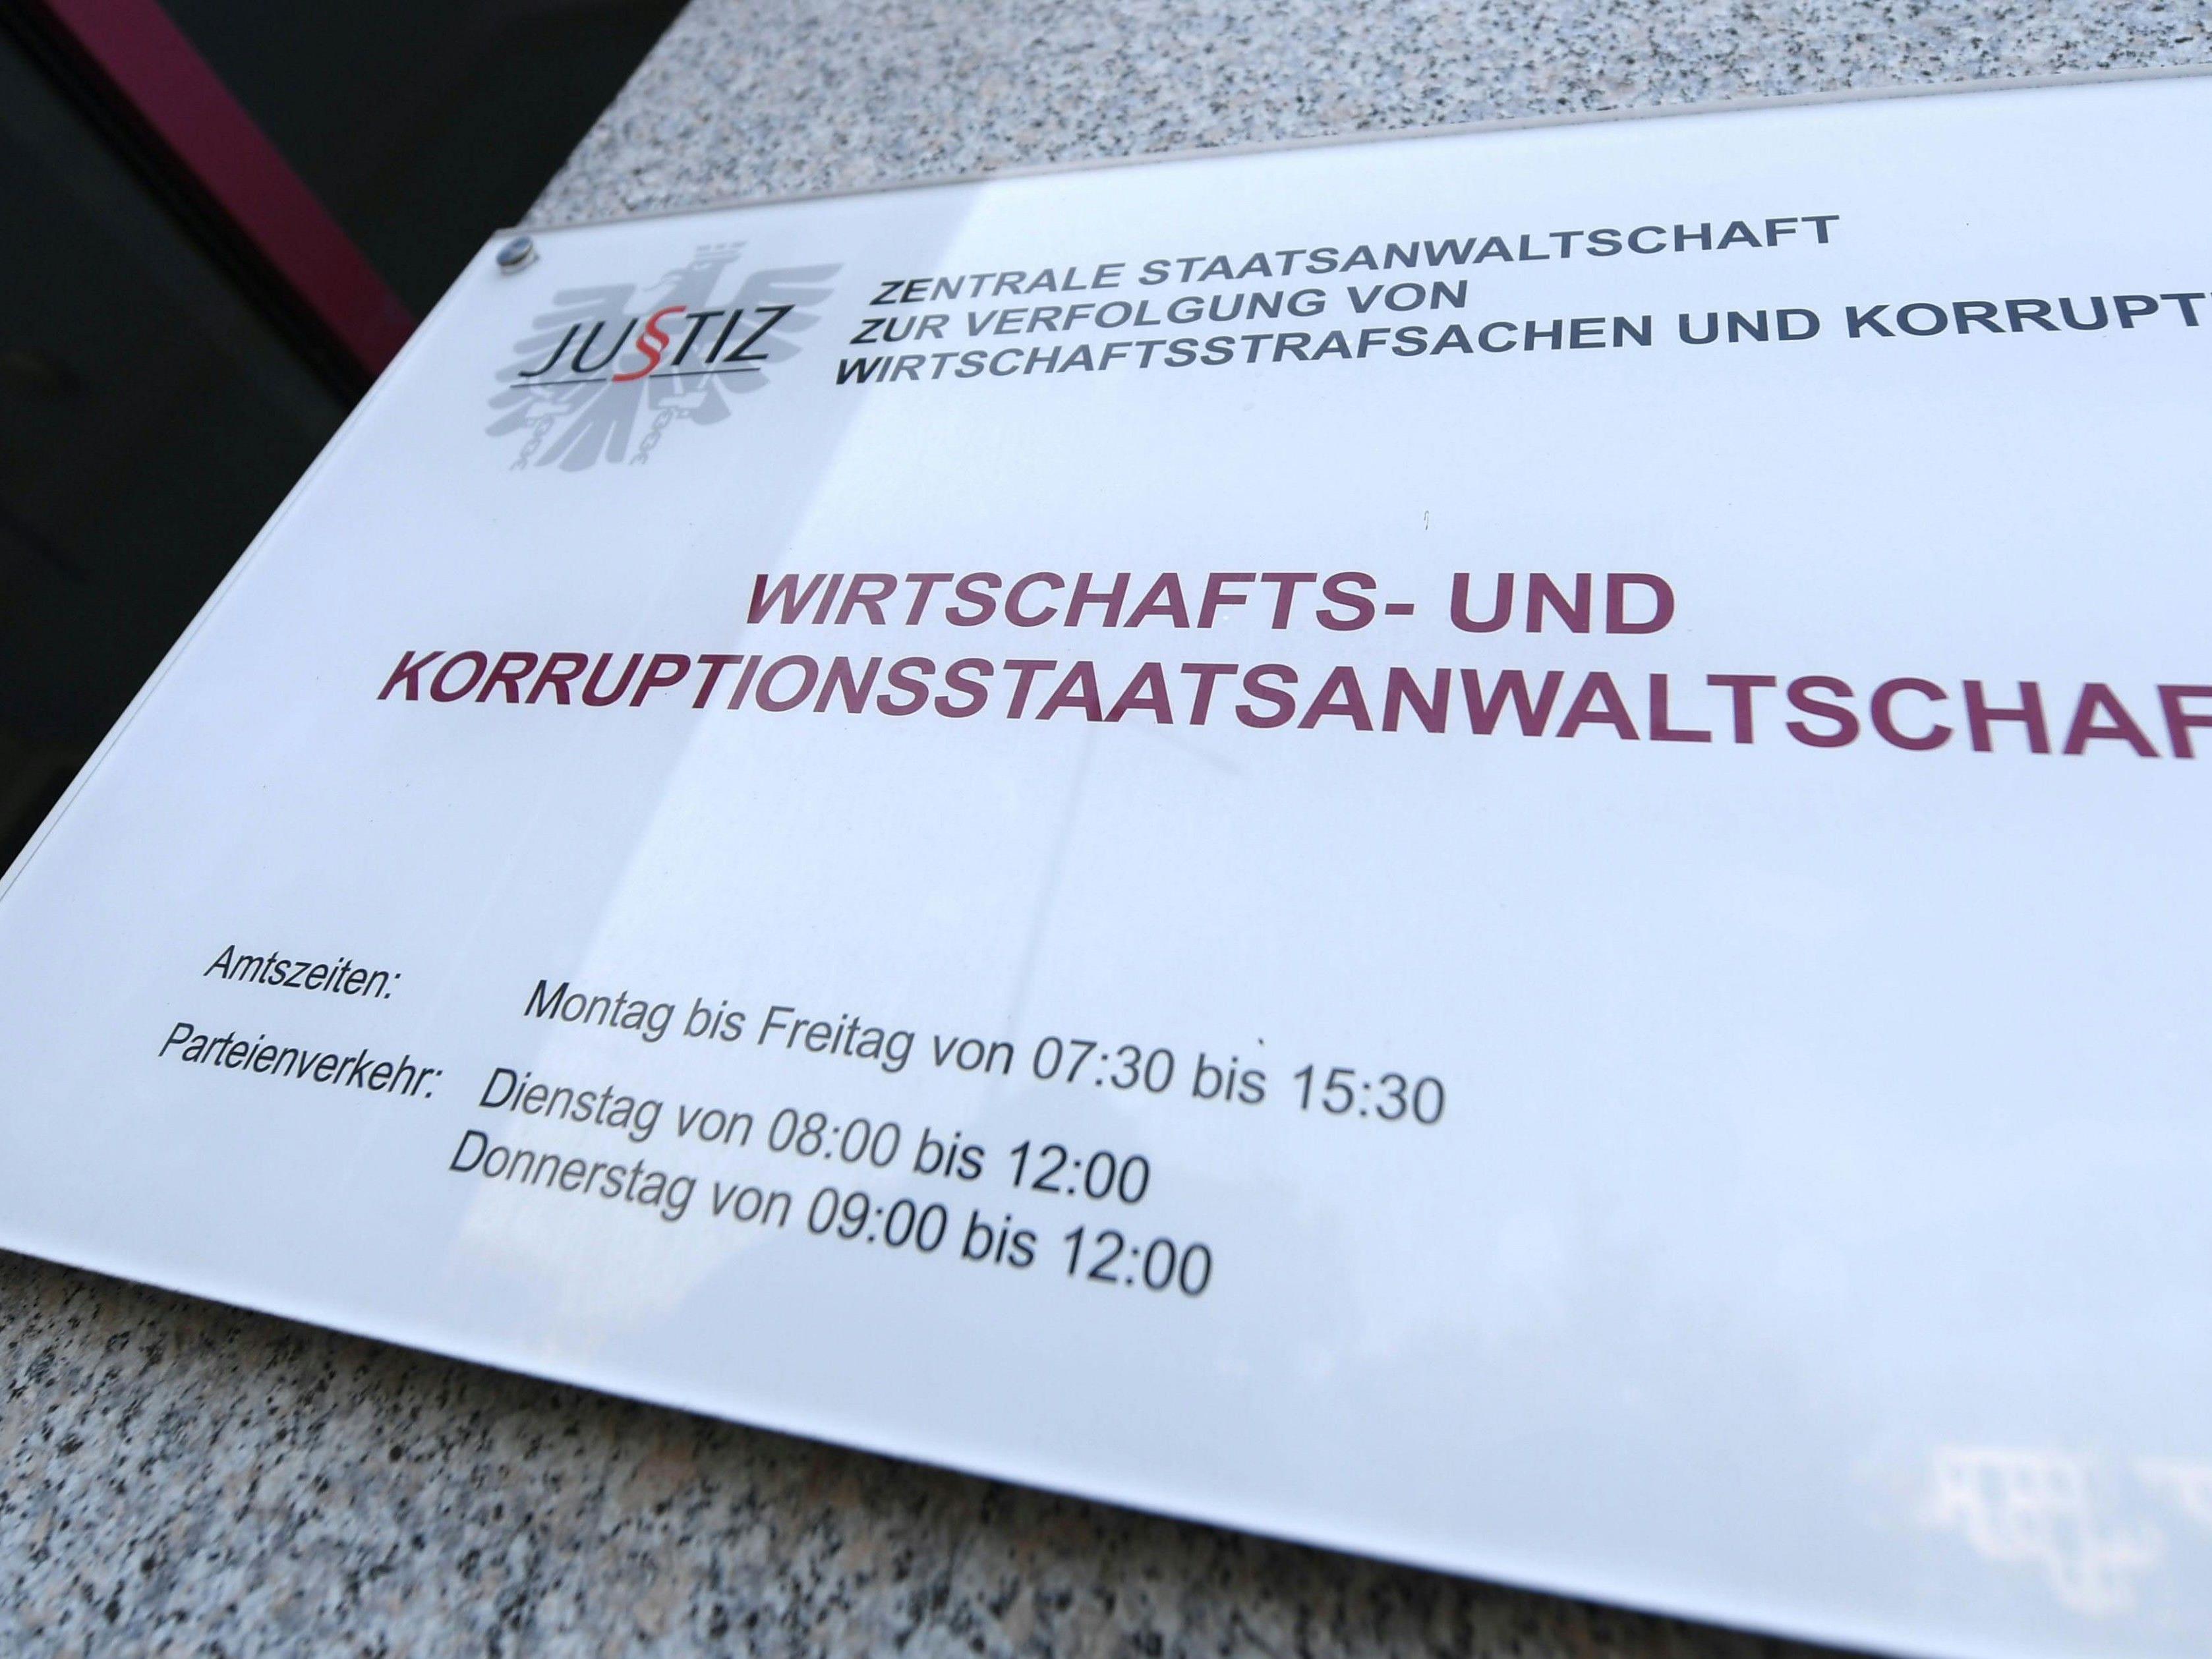 Bei der Wirtschafts- und Korruptionsstaatsanwaltschaft gelangte ein Geständnis ein